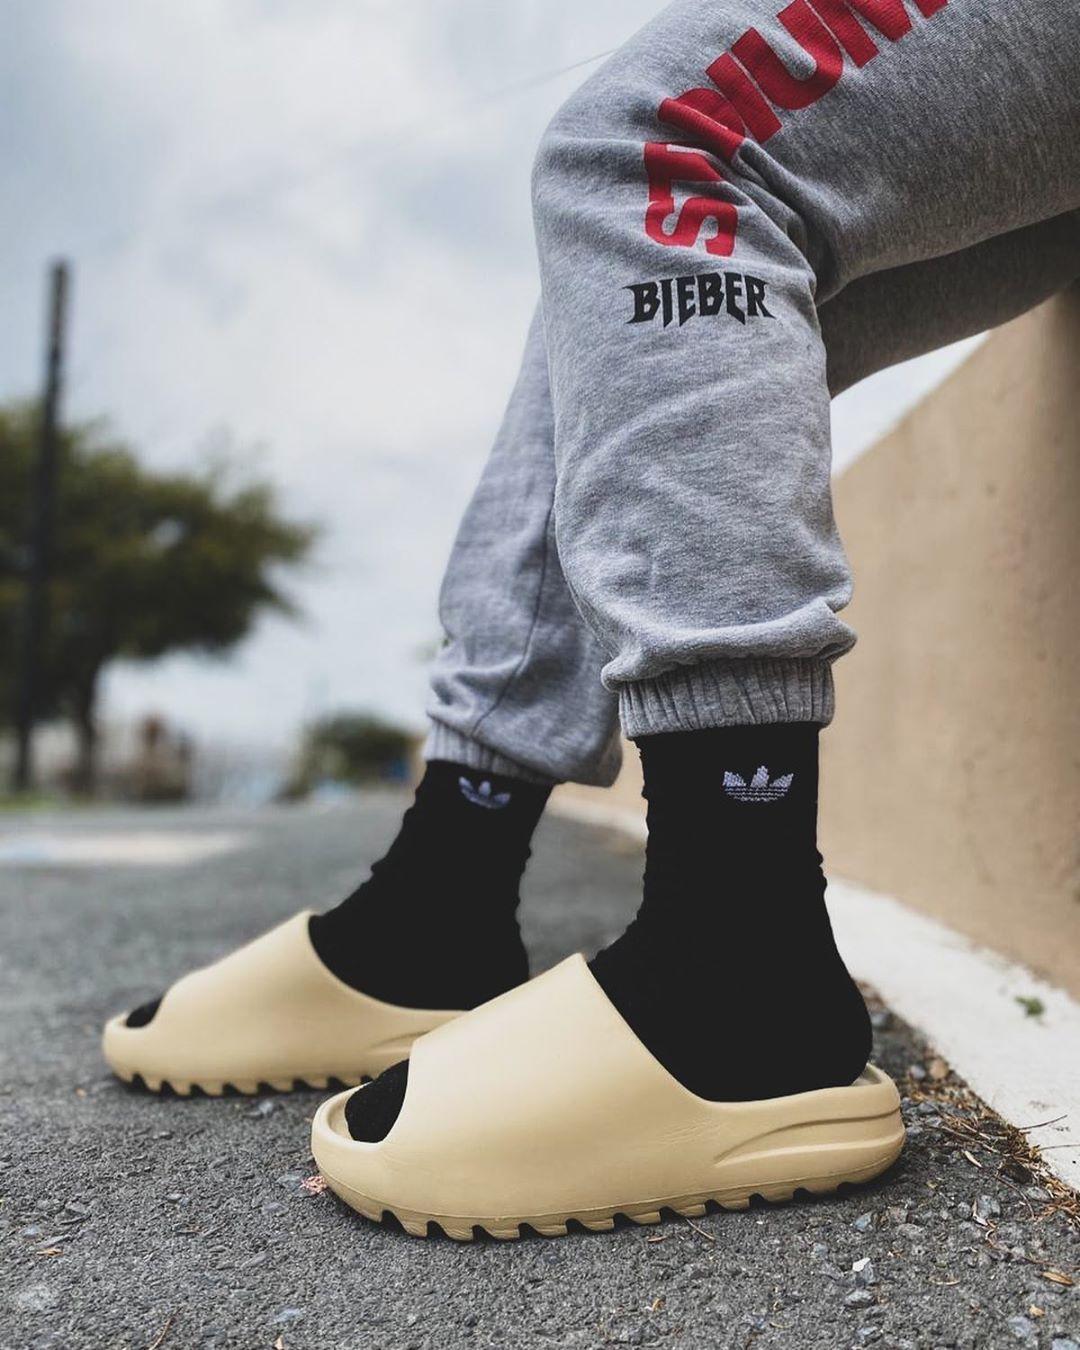 Adidas Yeezy Slides Bone Resin Und Earth Brown In 2020 Yeezy Sneakers Yeezy Outfit Streetwear Manner